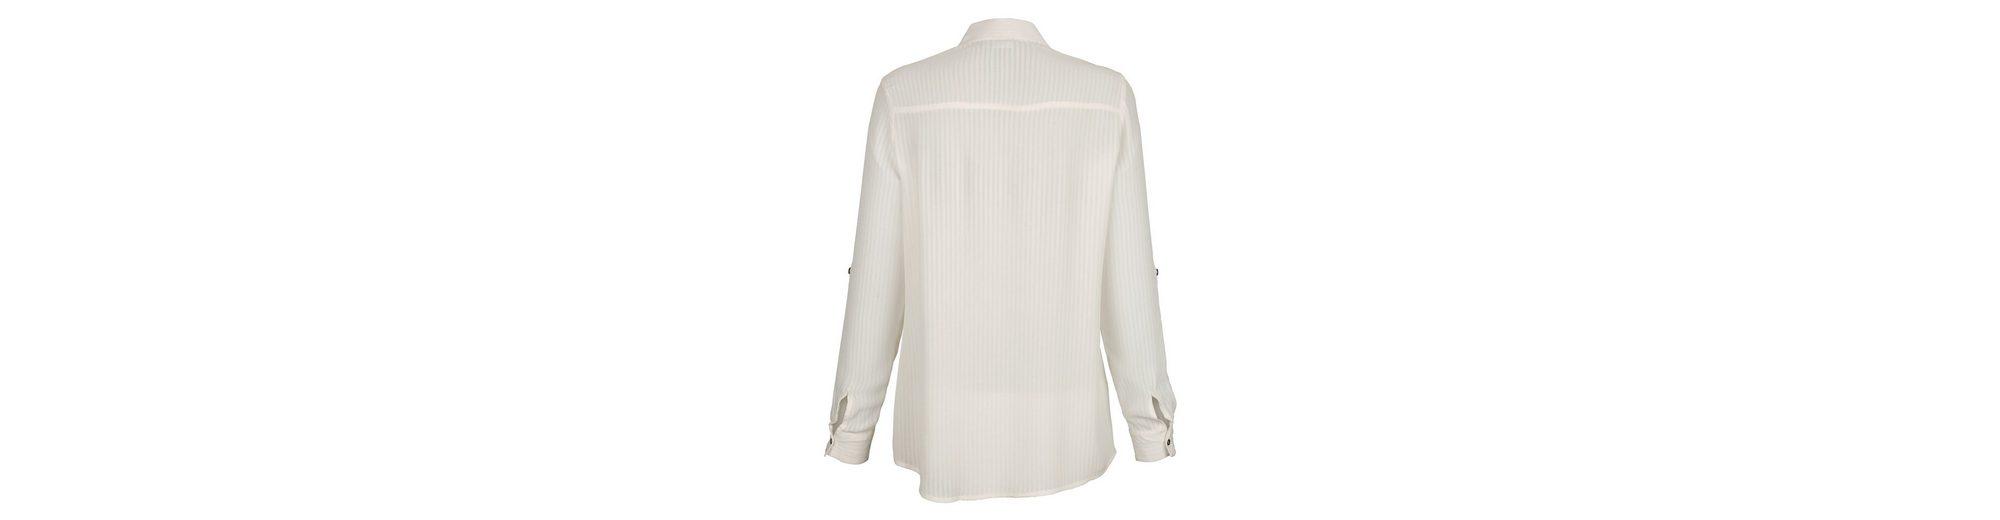 Günstig Für Schön Auslass Eastbay Alba Moda Bluse mit modischen Schattenstreifen Billig Besuch Neu Billig Verkauf Eastbay Beeile Dich kI5I7